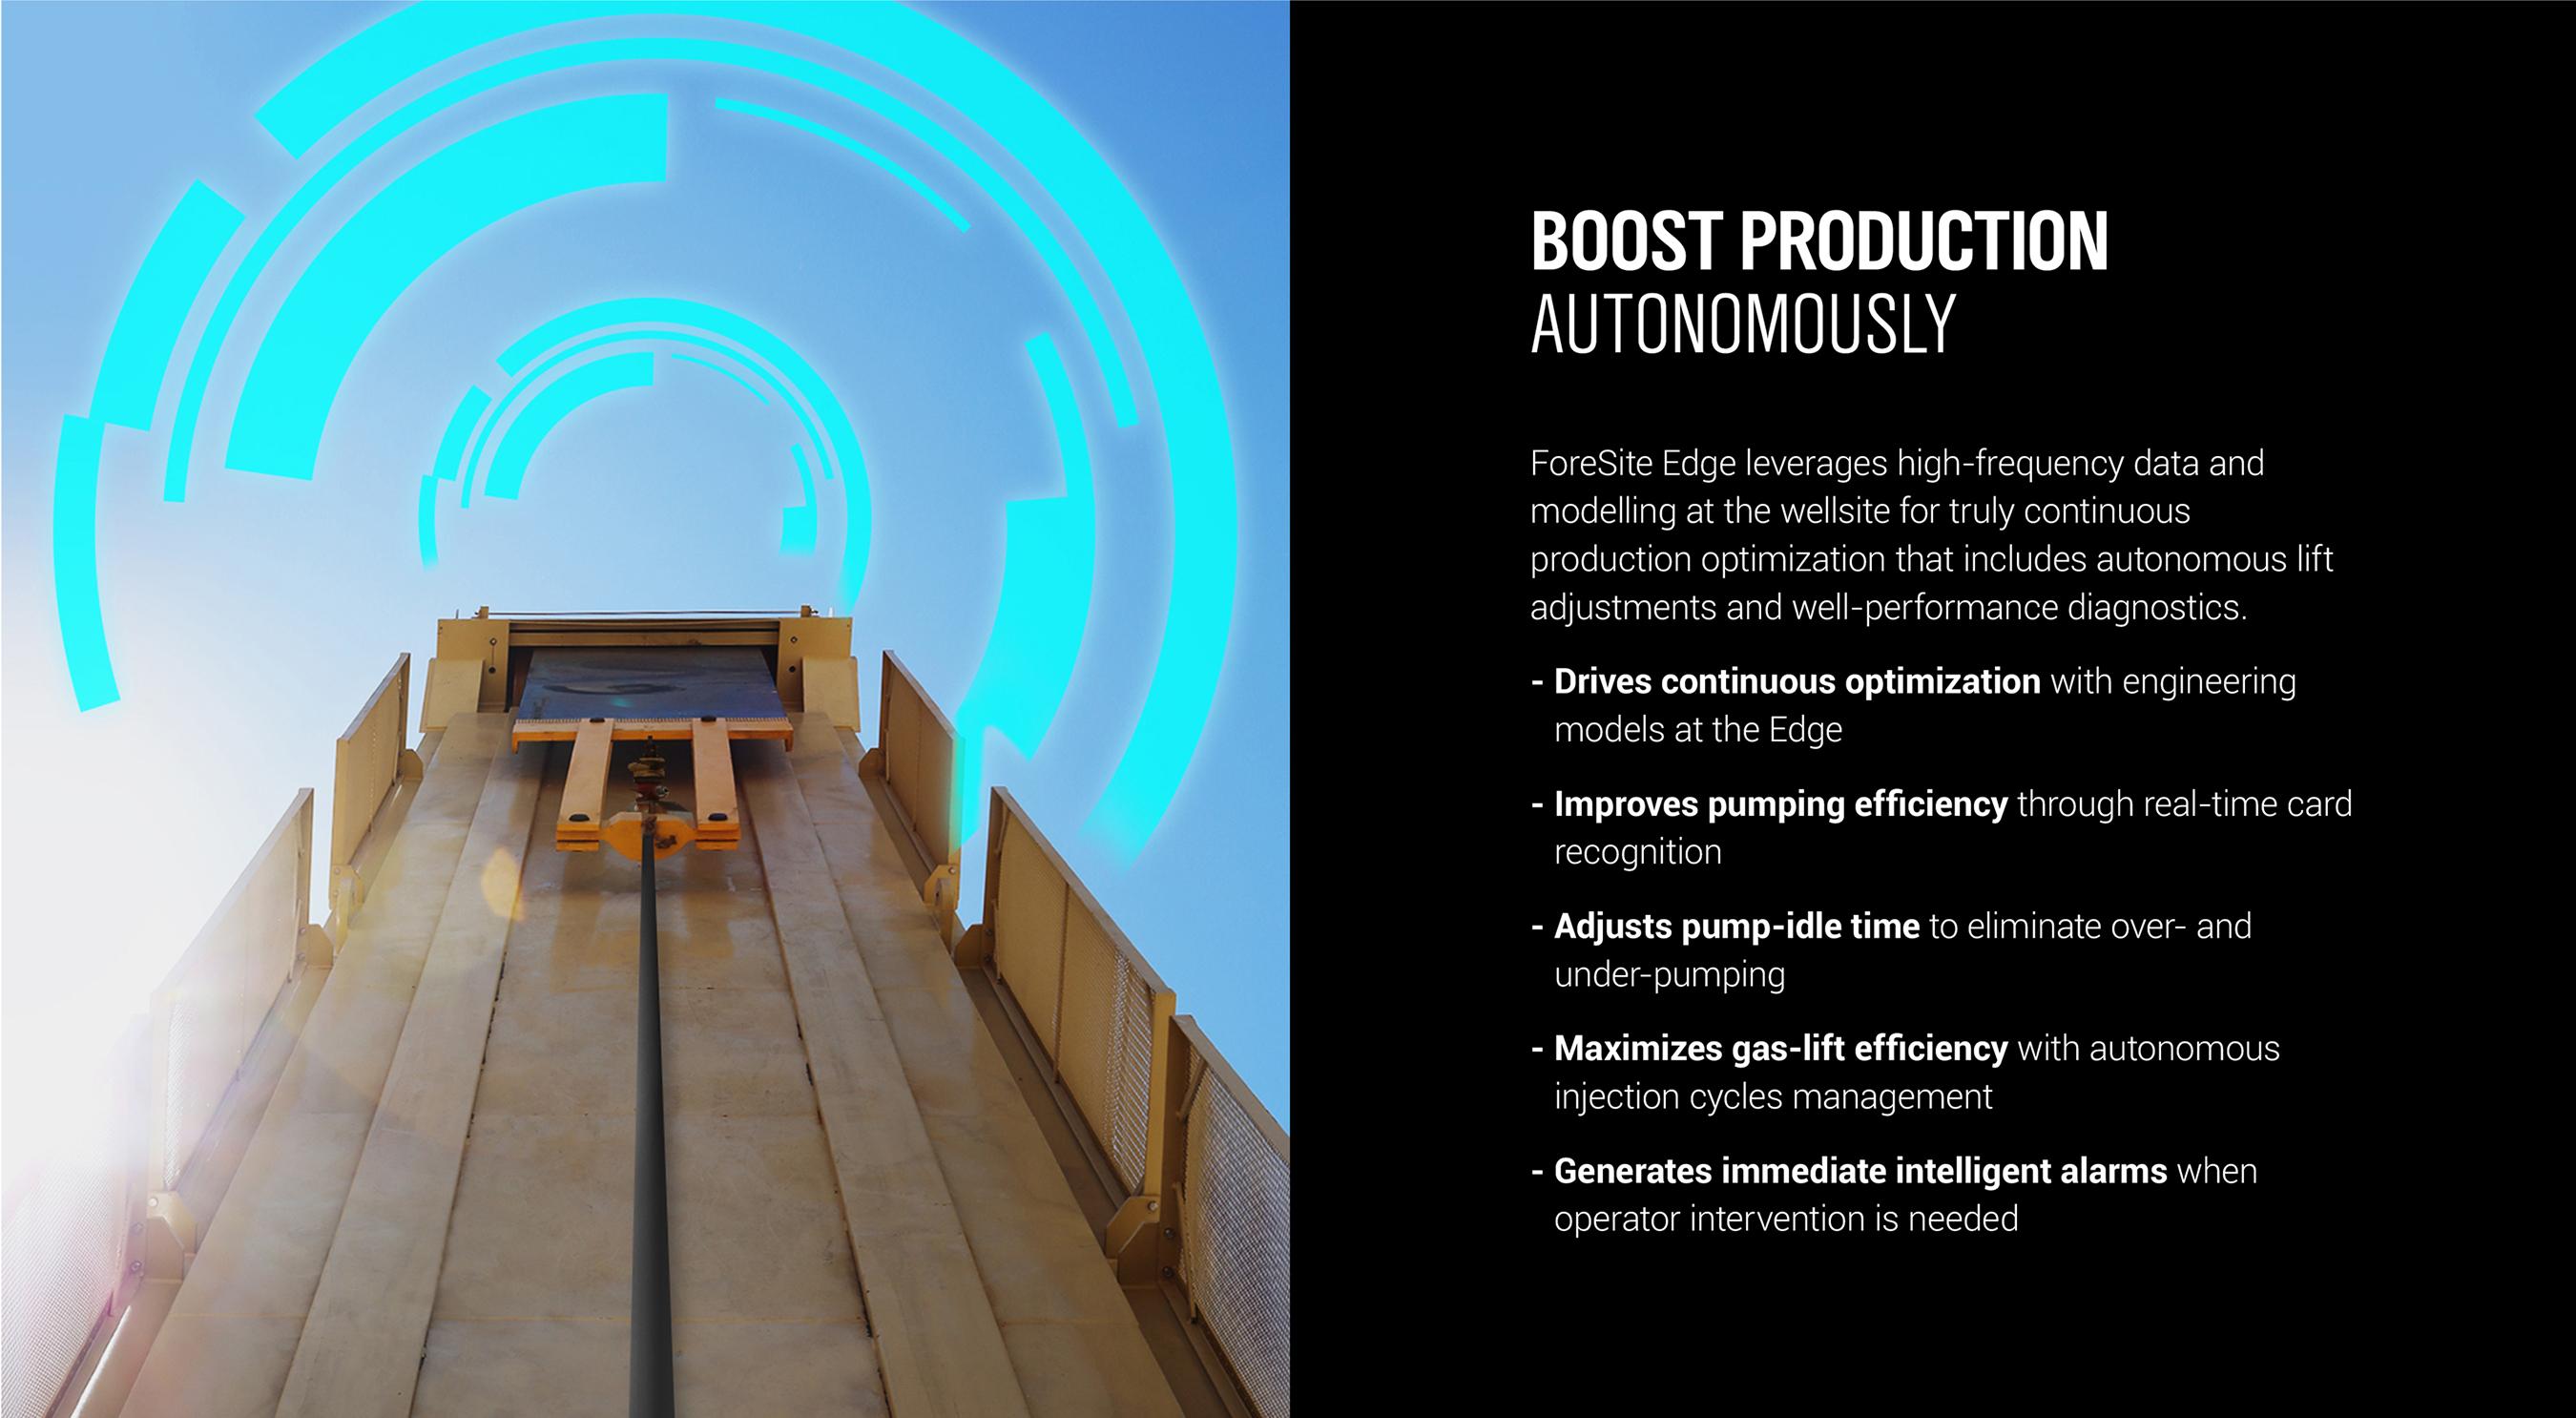 Boost production autonomously